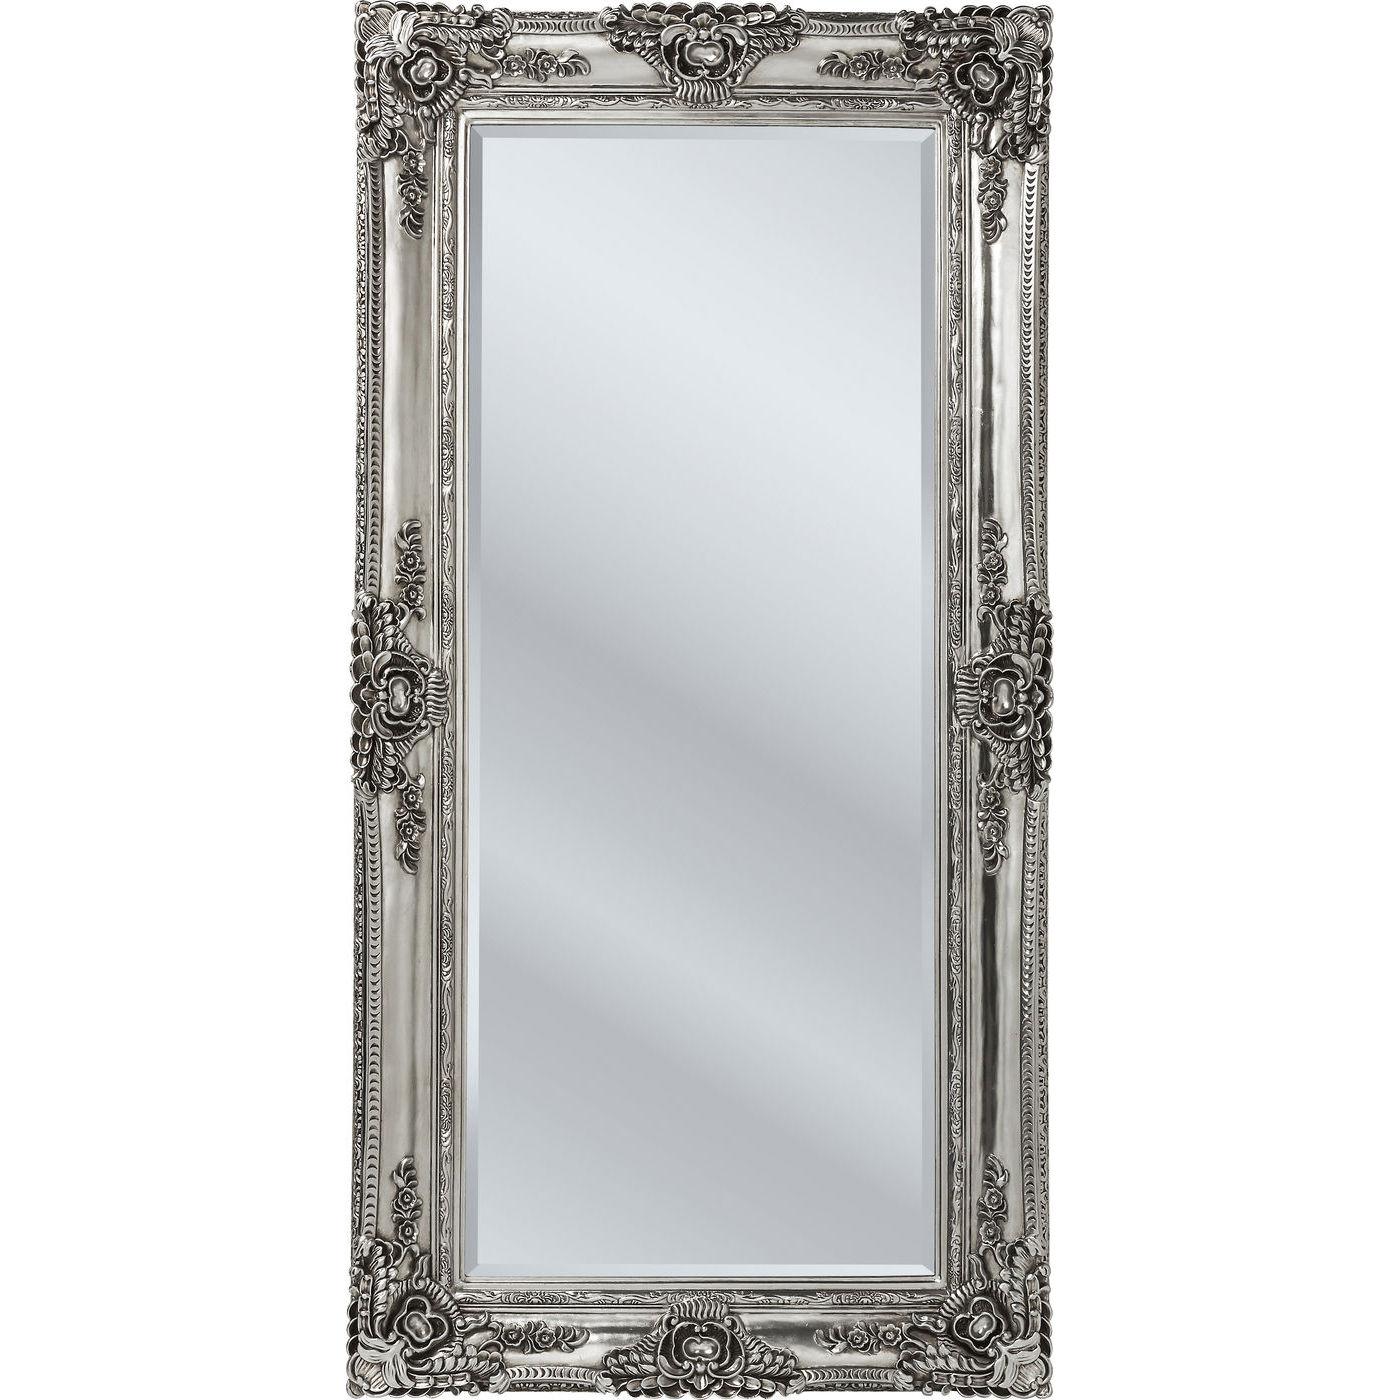 Billede af Kare Design Spejl, Royal Residence 203x104cm